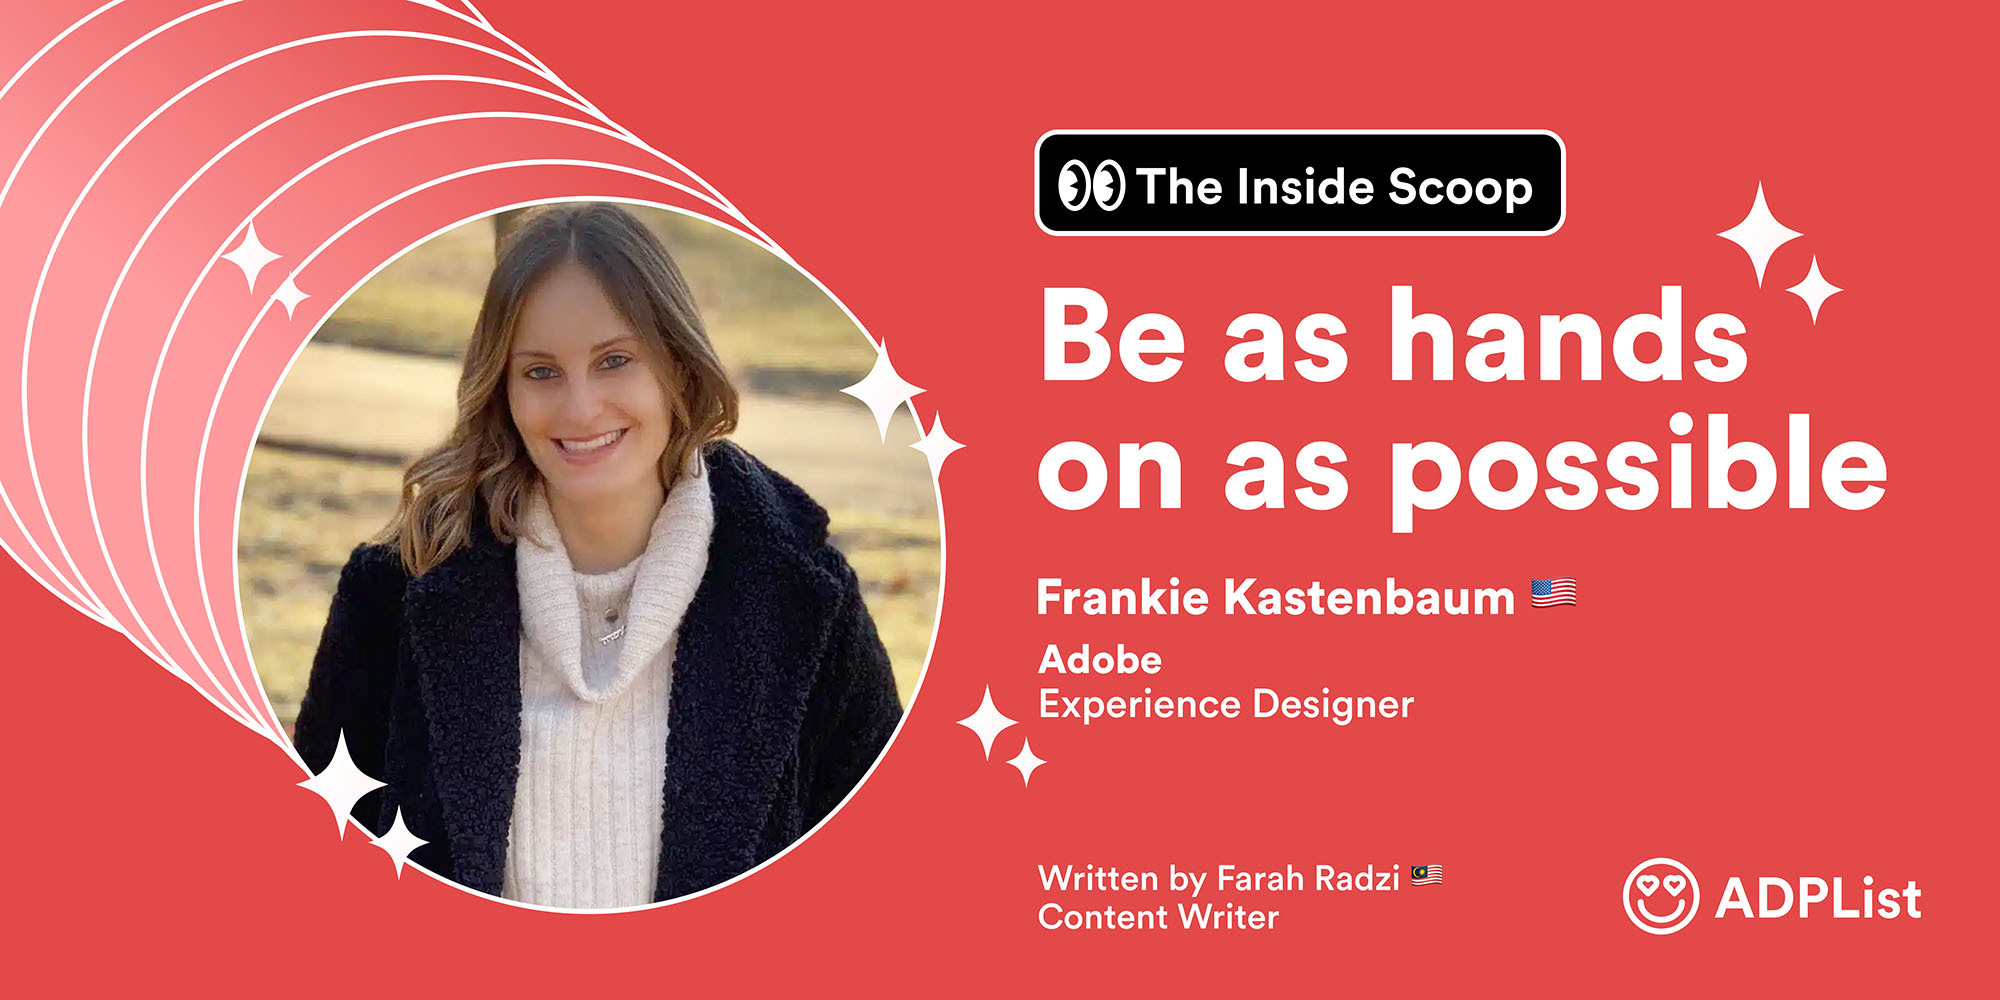 � The Inside Scoop : Frankie Kastenbaum 🇺🇸